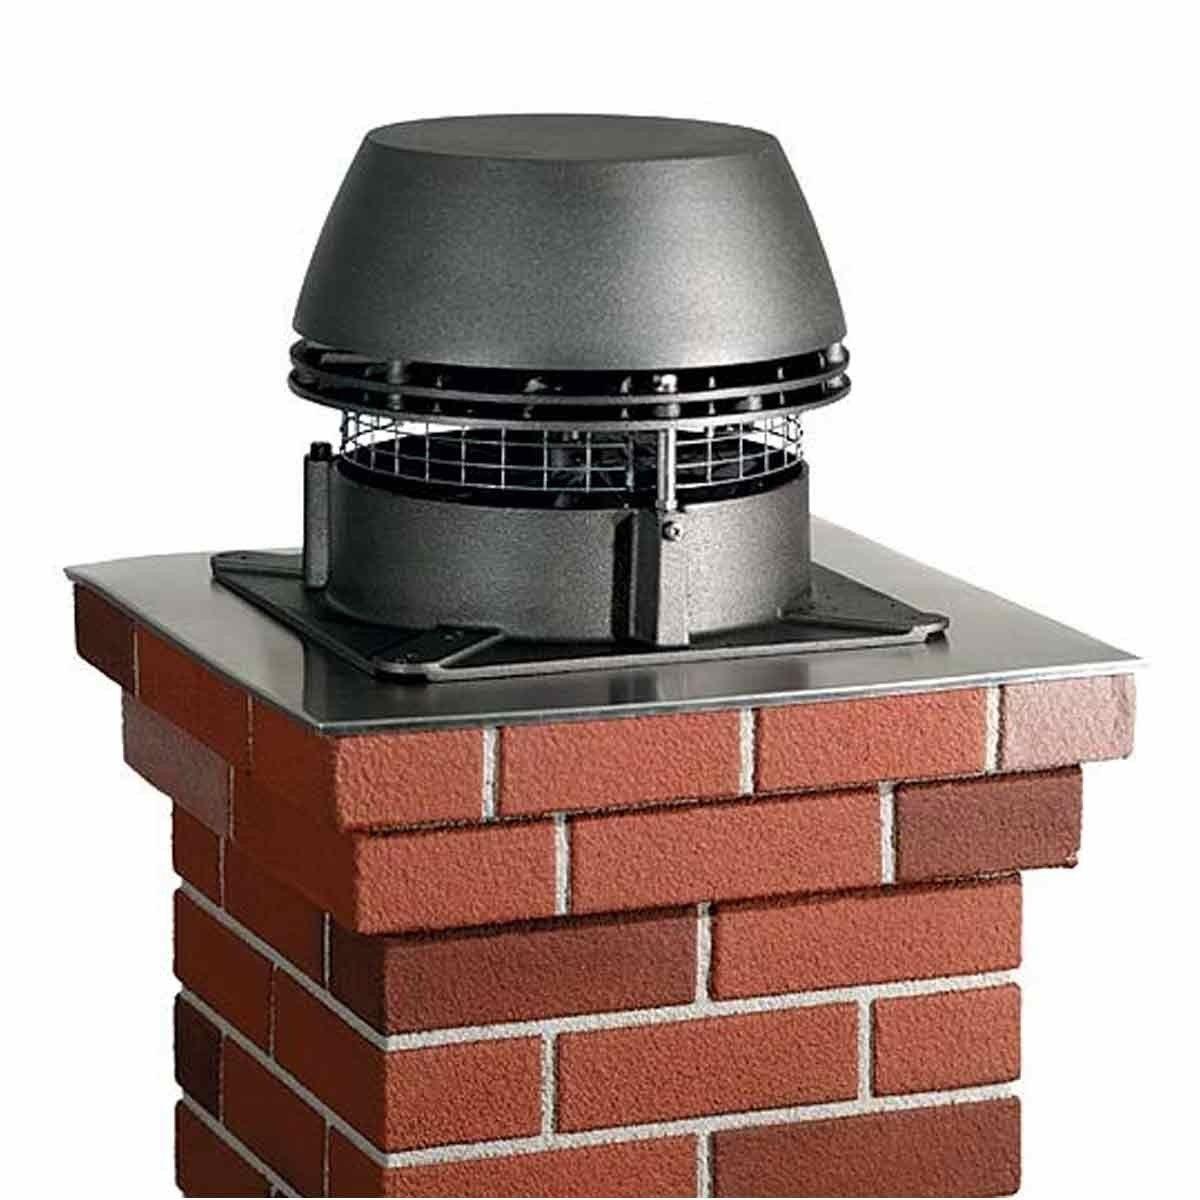 Enervex Chimney Fan Rs 009 Gas Appliance Only Fireplace Fan Exhaust Fan Fireplace Accessories